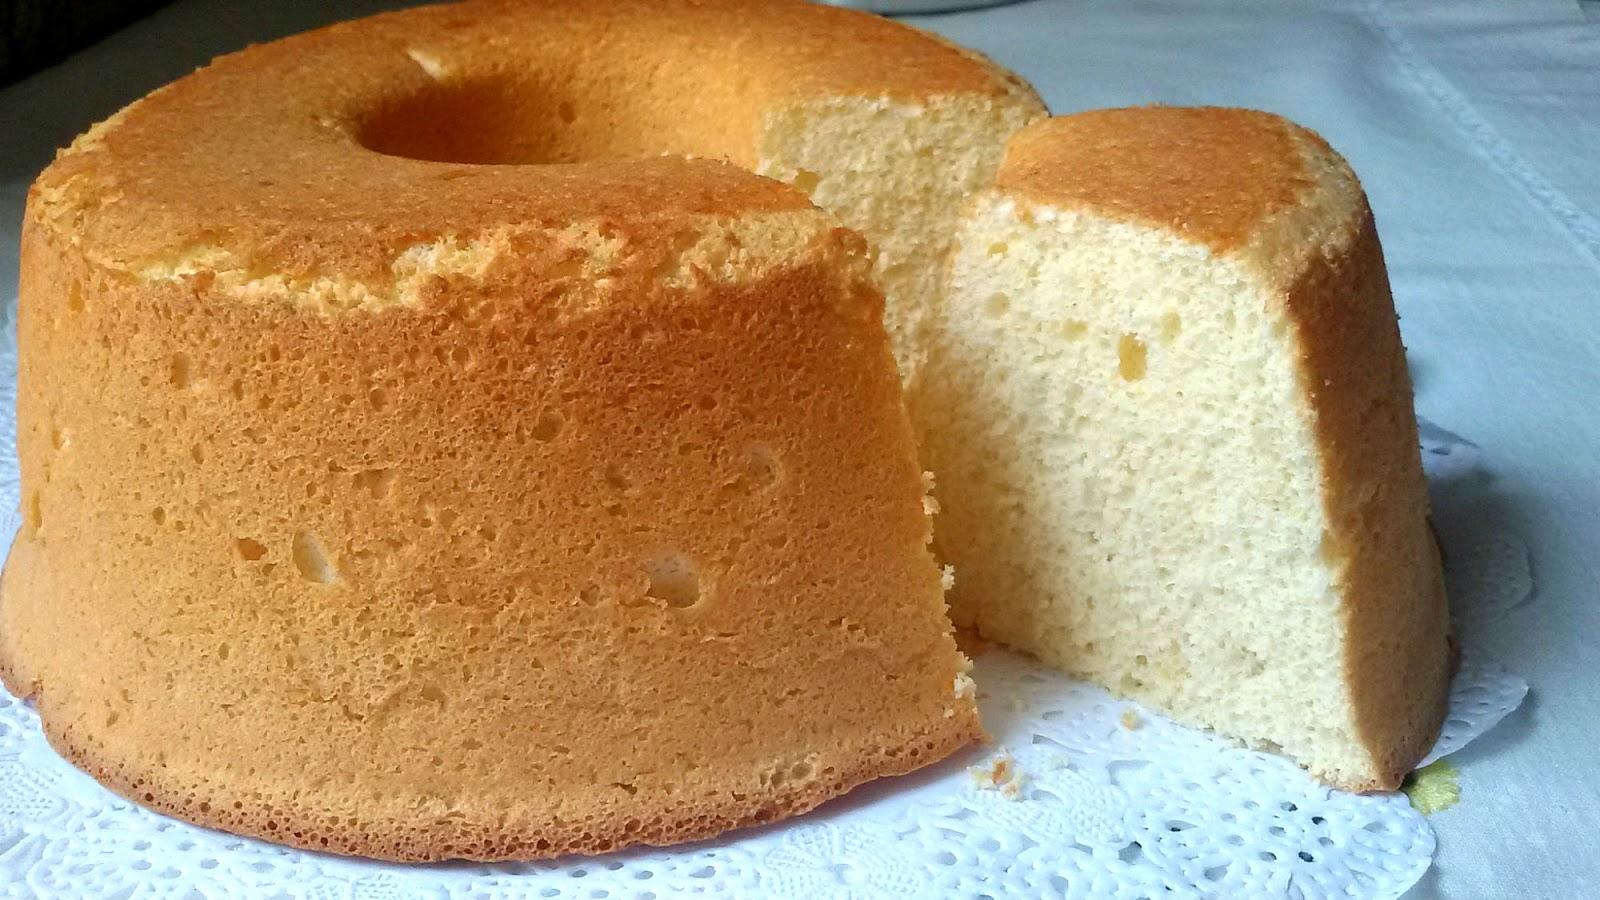 Anna recetas f ciles bizcocho de yogur de lim n muy esponjoso - Bizcocho de limon esponjoso ...